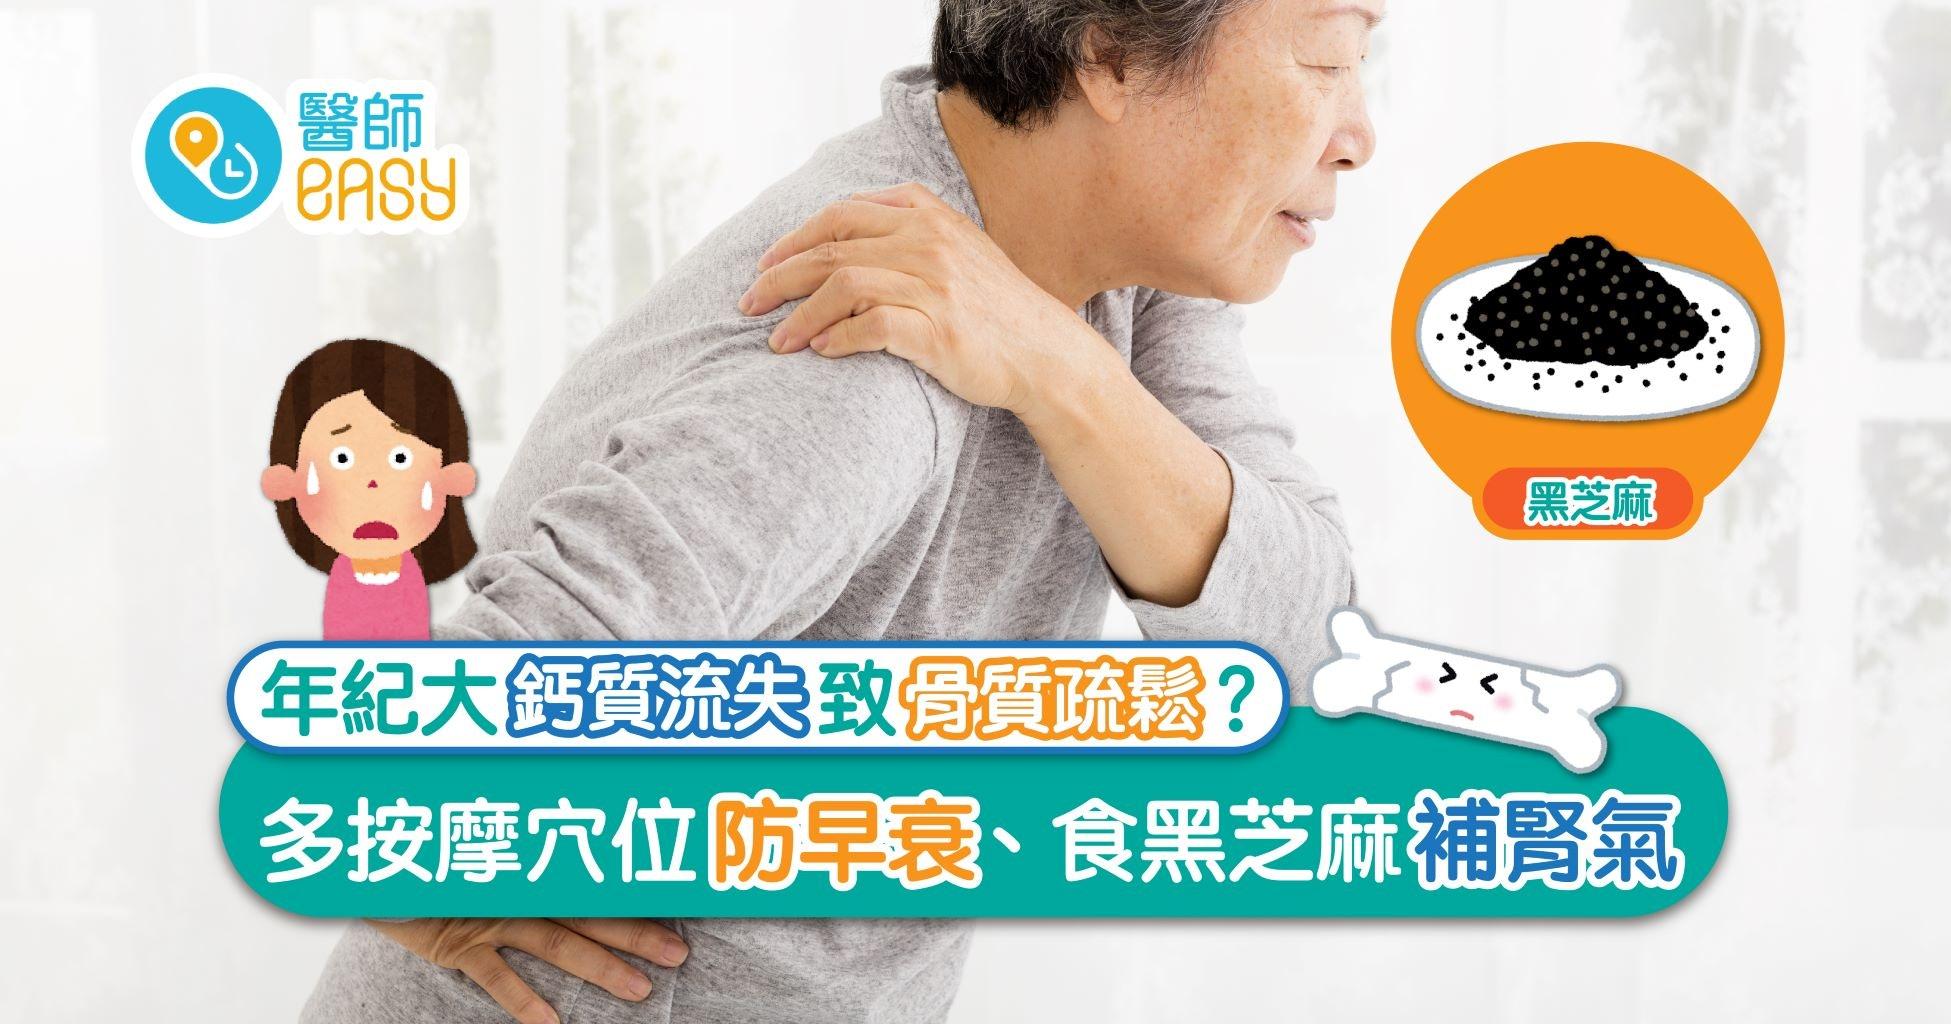 骨質疏鬆|腎虛、血氣不足易骨脆 中醫建議食黑芝麻改善問題